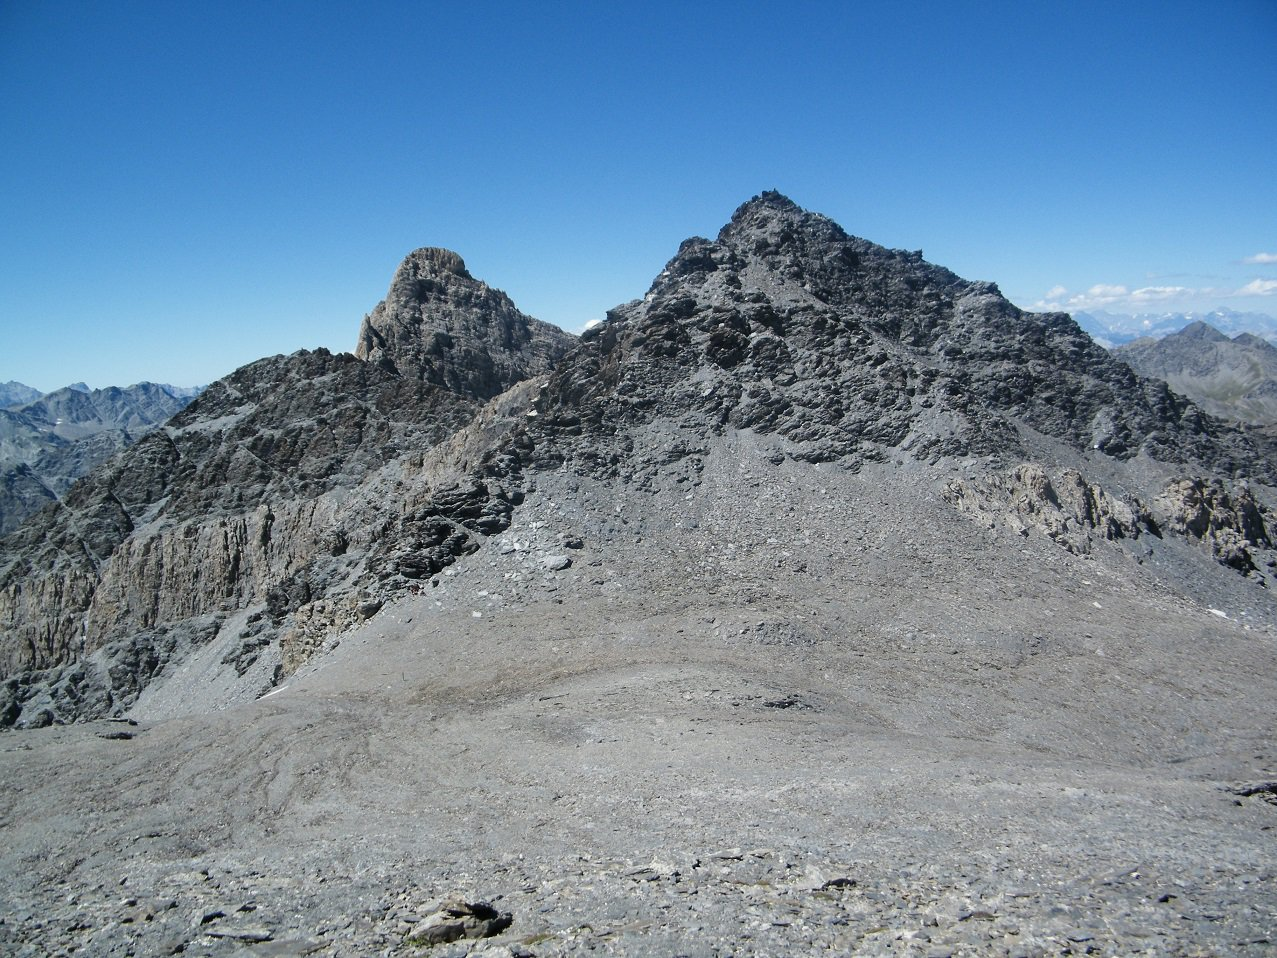 Il Pic Brusalana con il versante da risalire e, alle sue spalle, il Pic d'Asti.